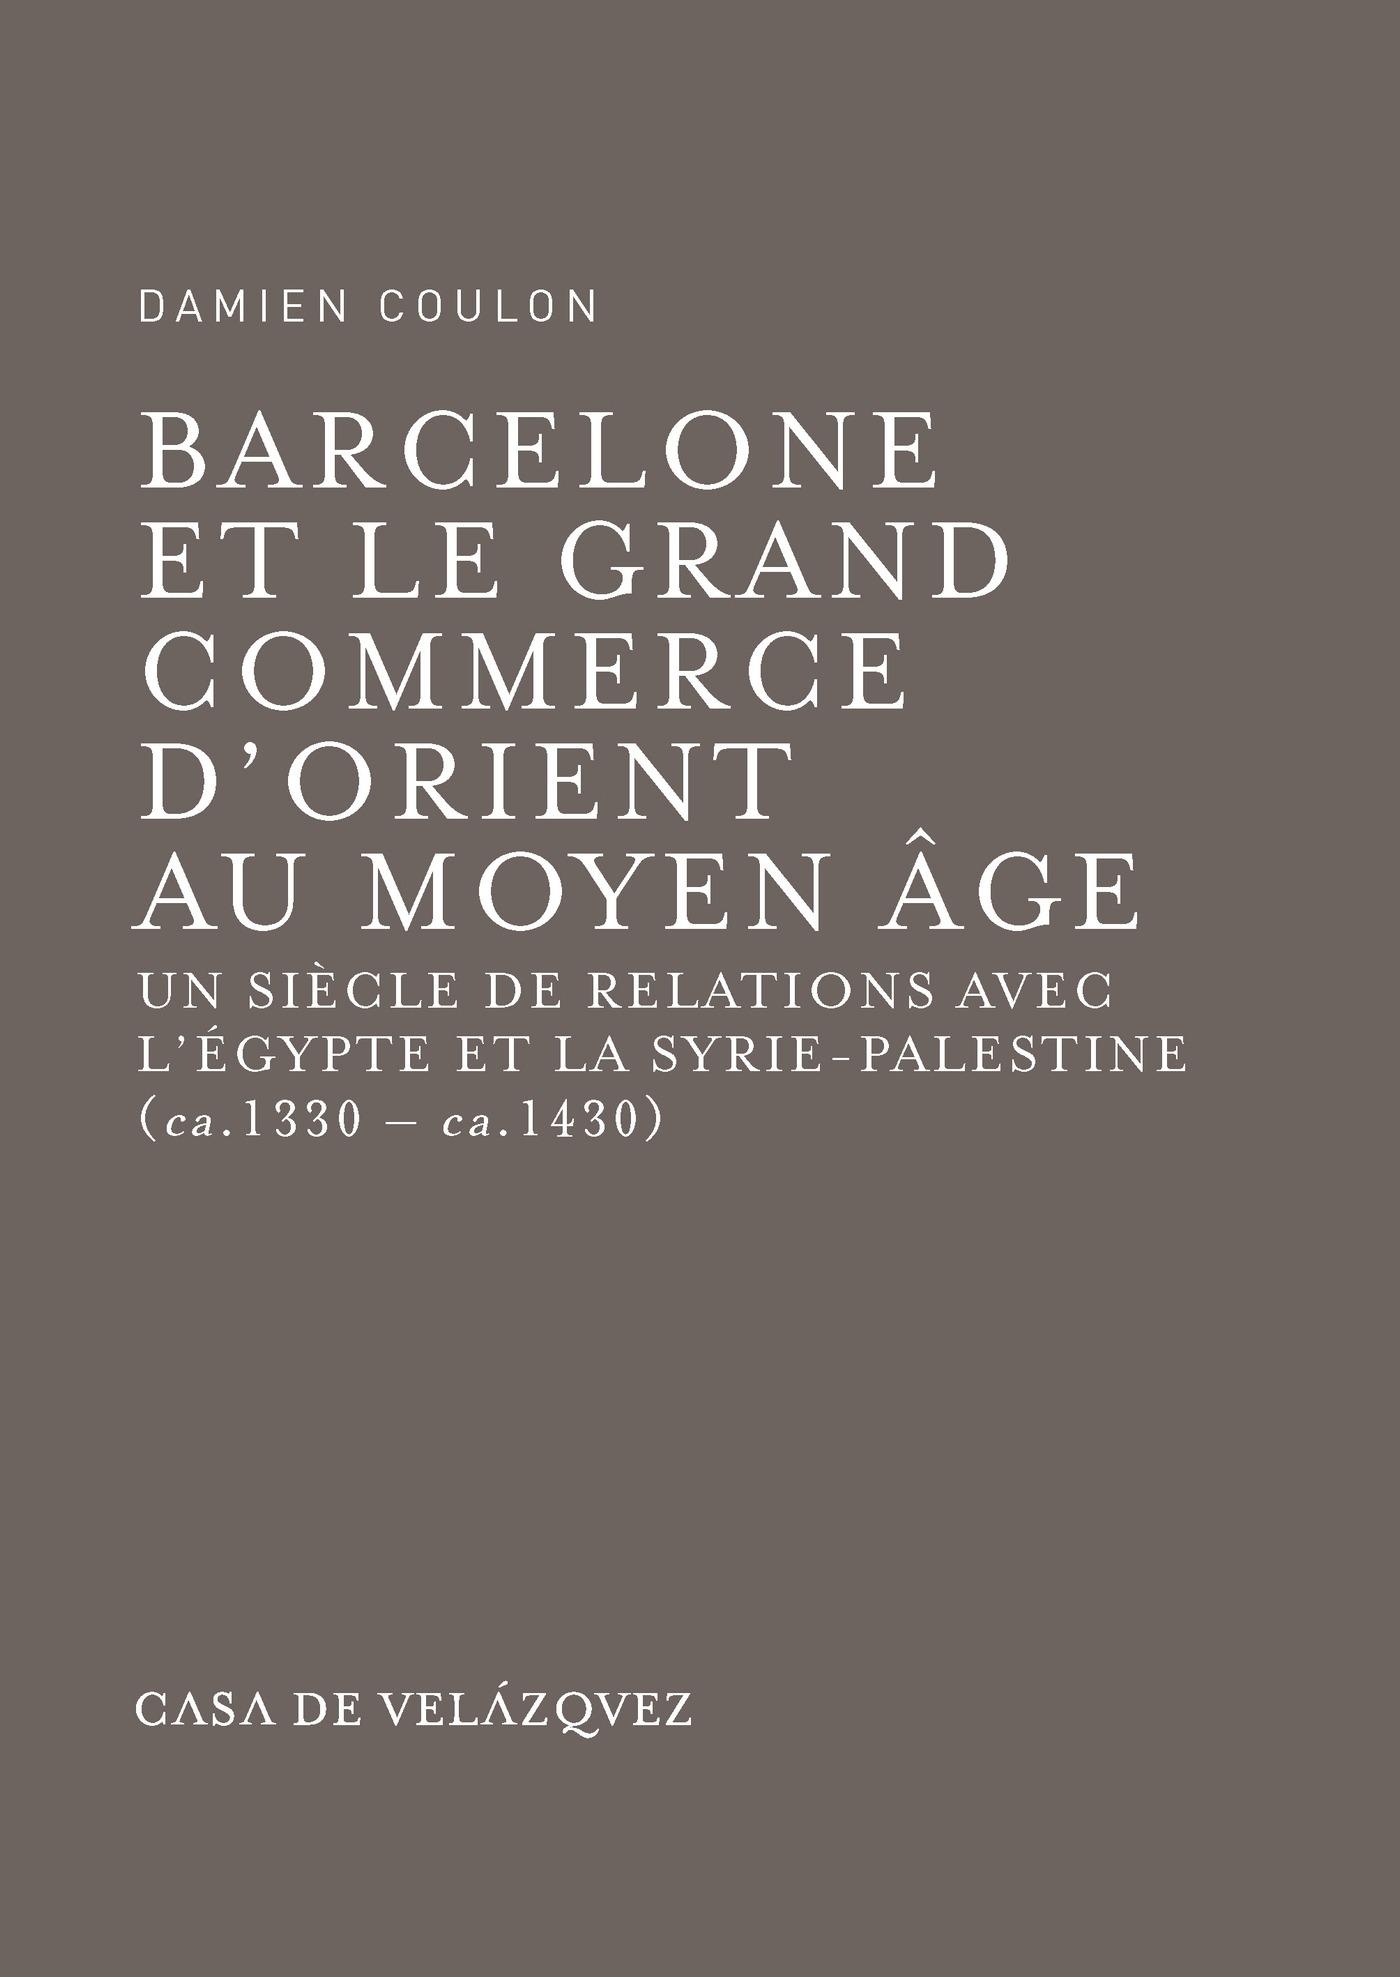 Barcelone et le grand commerce d'Orient au Moyen Âge